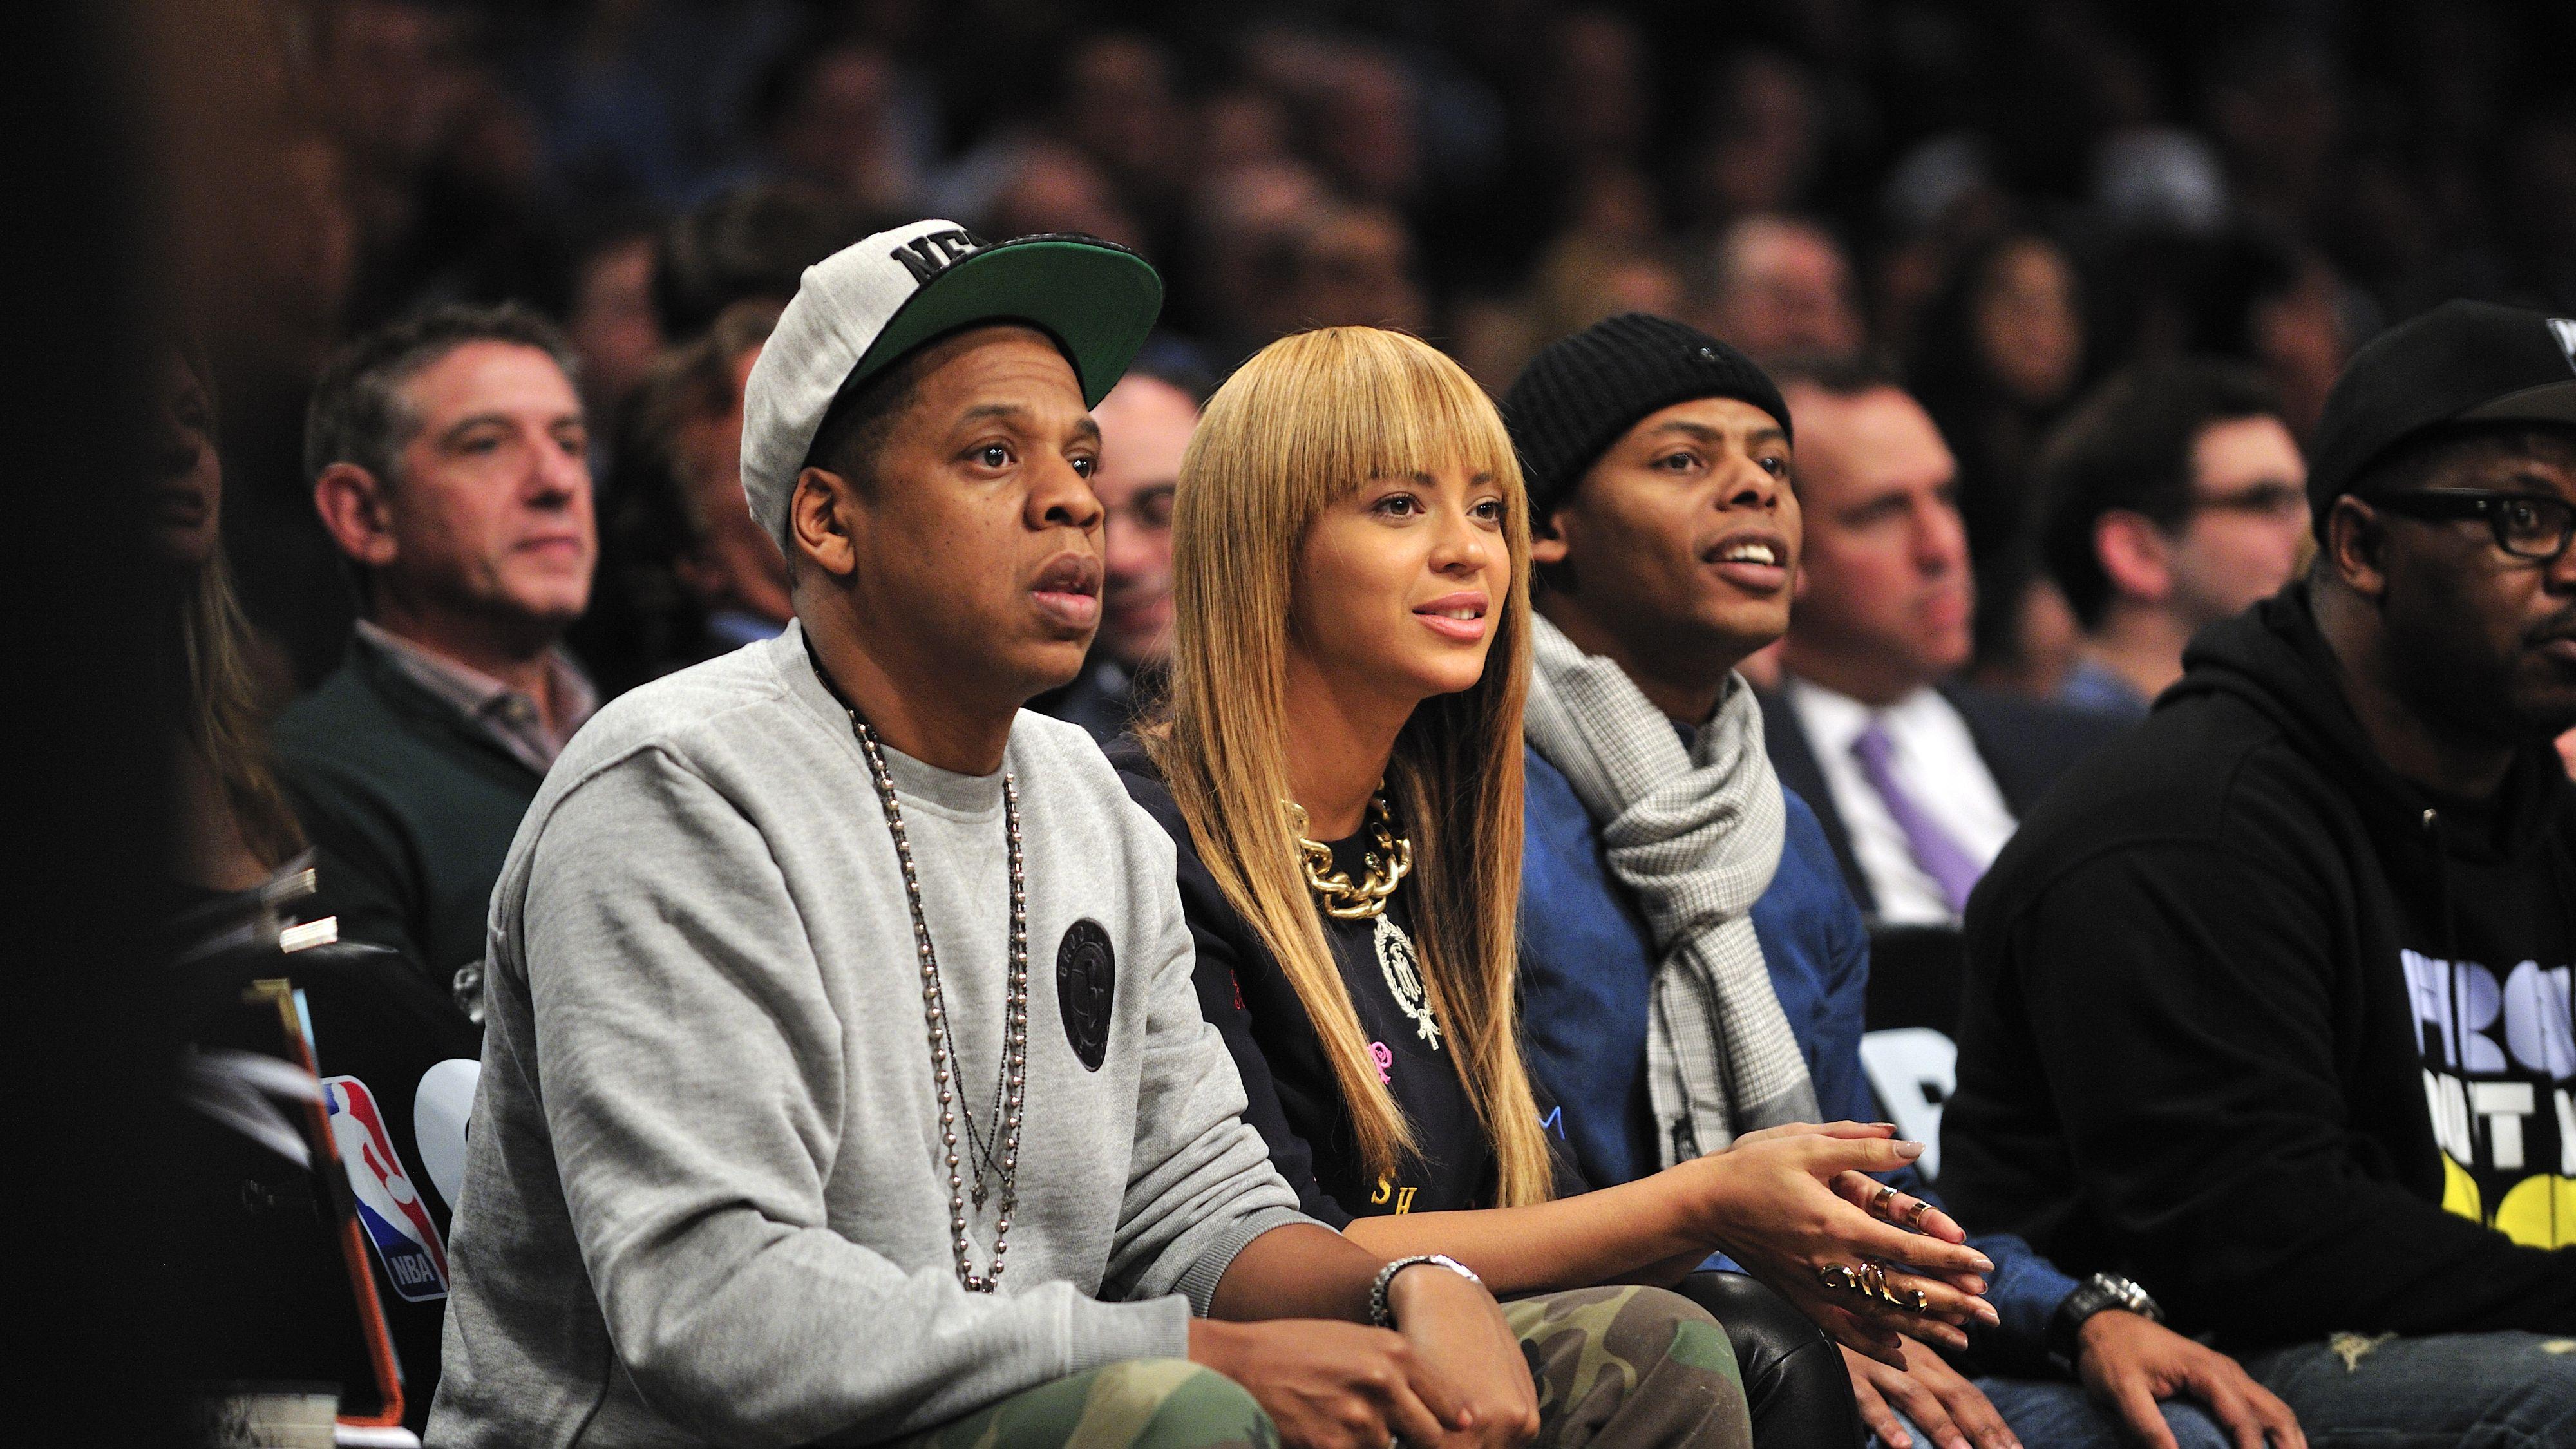 Wimp solgt til Jay-Z